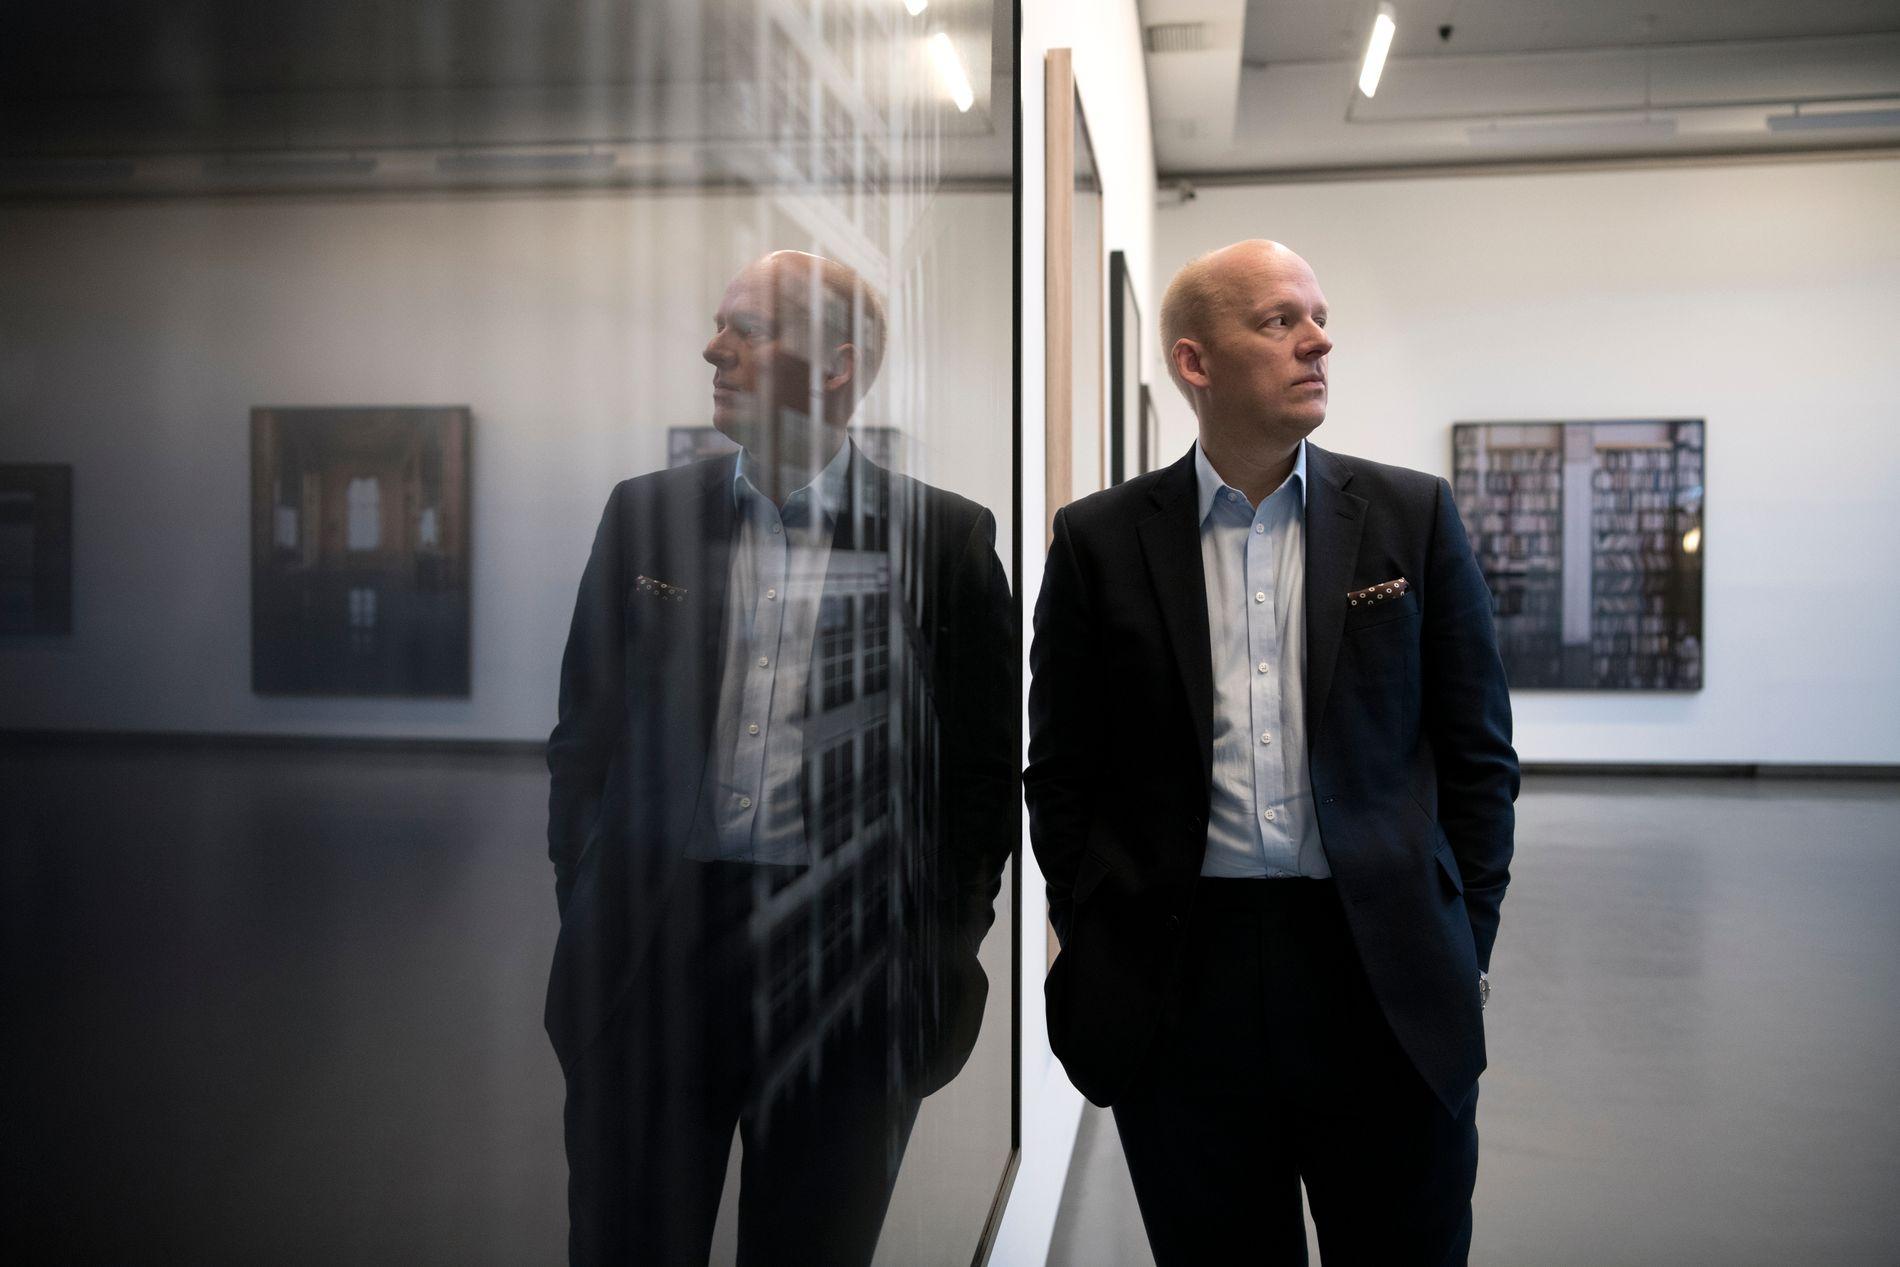 BERGEN TAPER: Vi bevarer, forvalter og formidler hele Norges historie og kulturarv, hver dag, hele året for fem prosent av bevilgningene Nasjonalmuseet får. Fem prosent! skriver Kode-direktør Petter Snare.